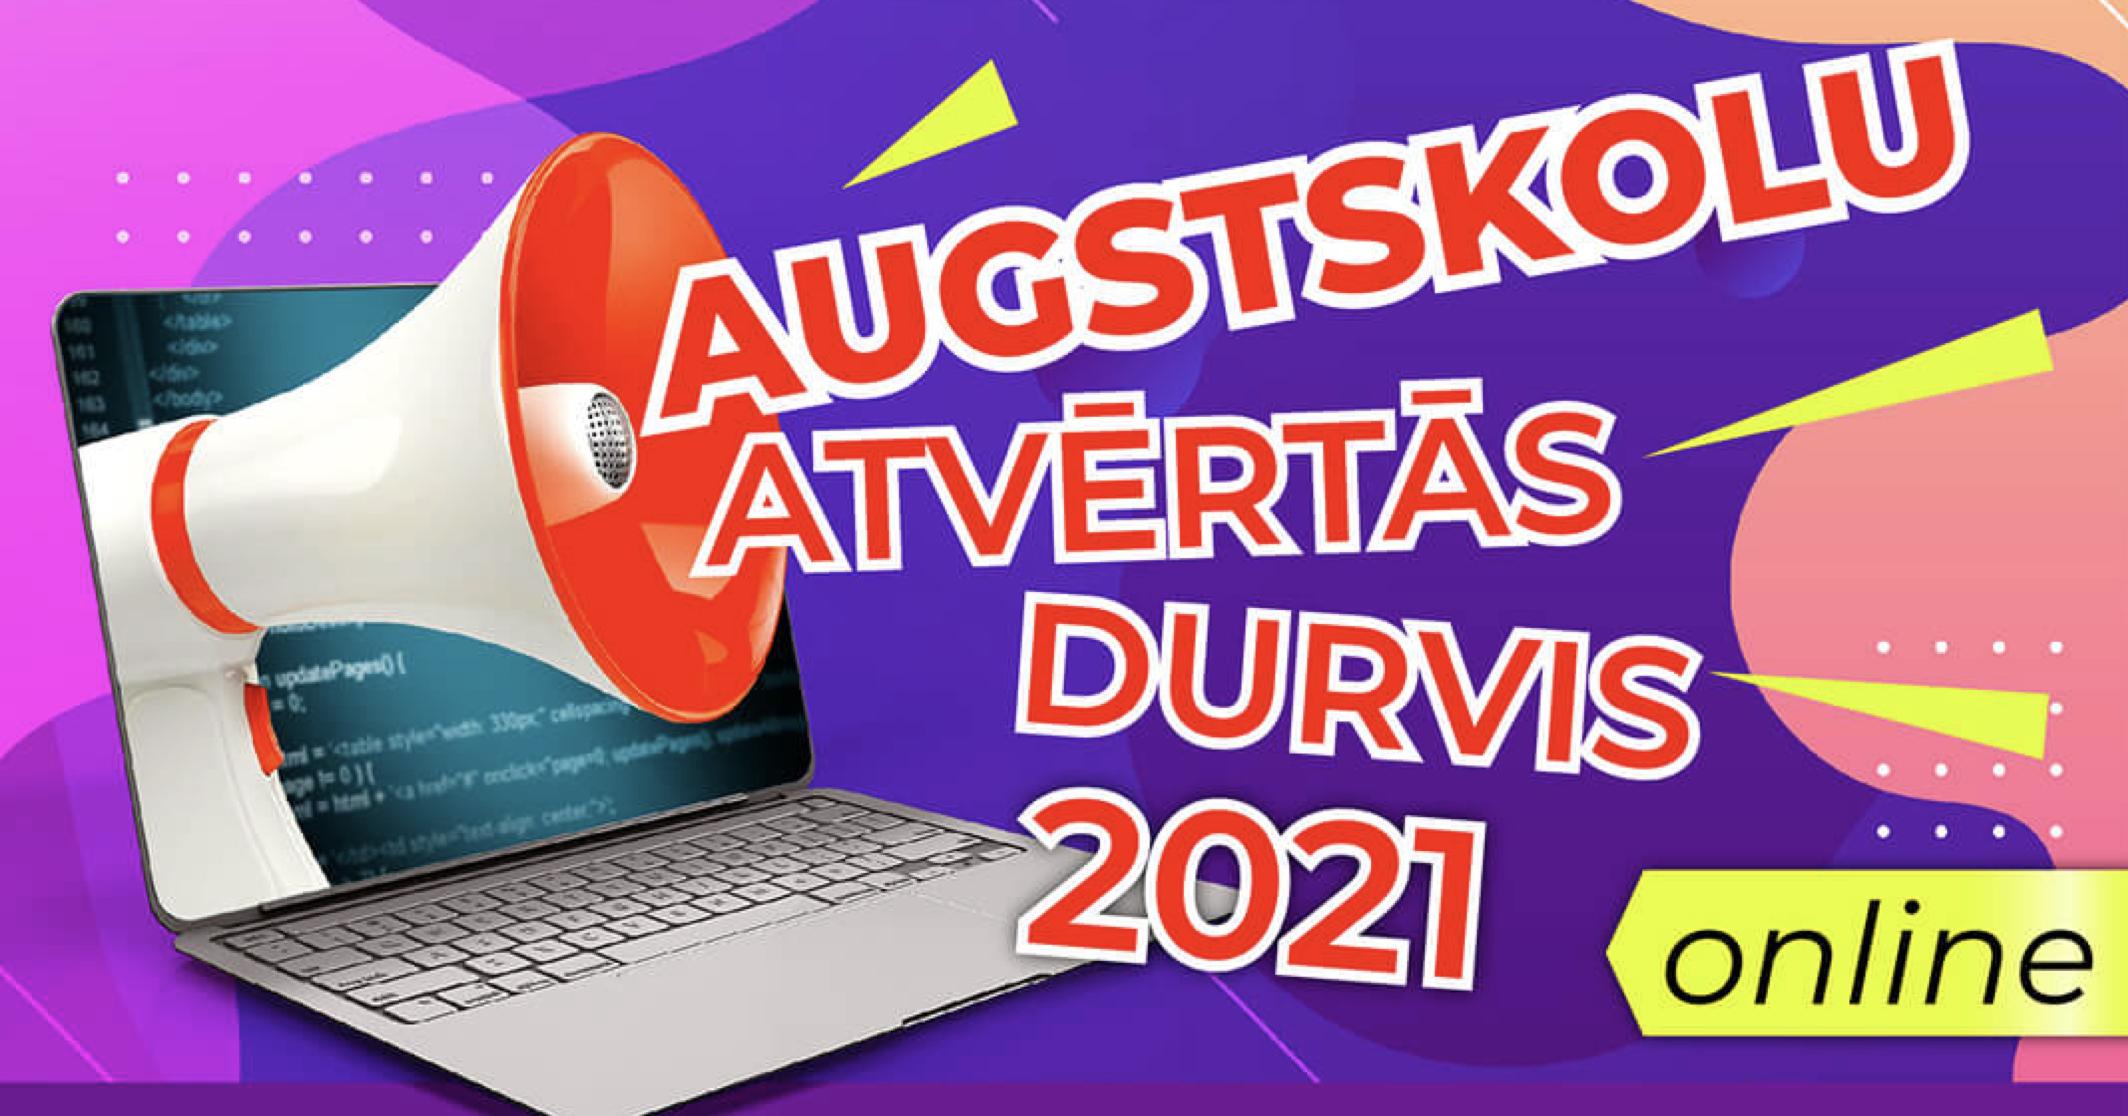 Augstskolu Atvērtās Durvis 2021 online